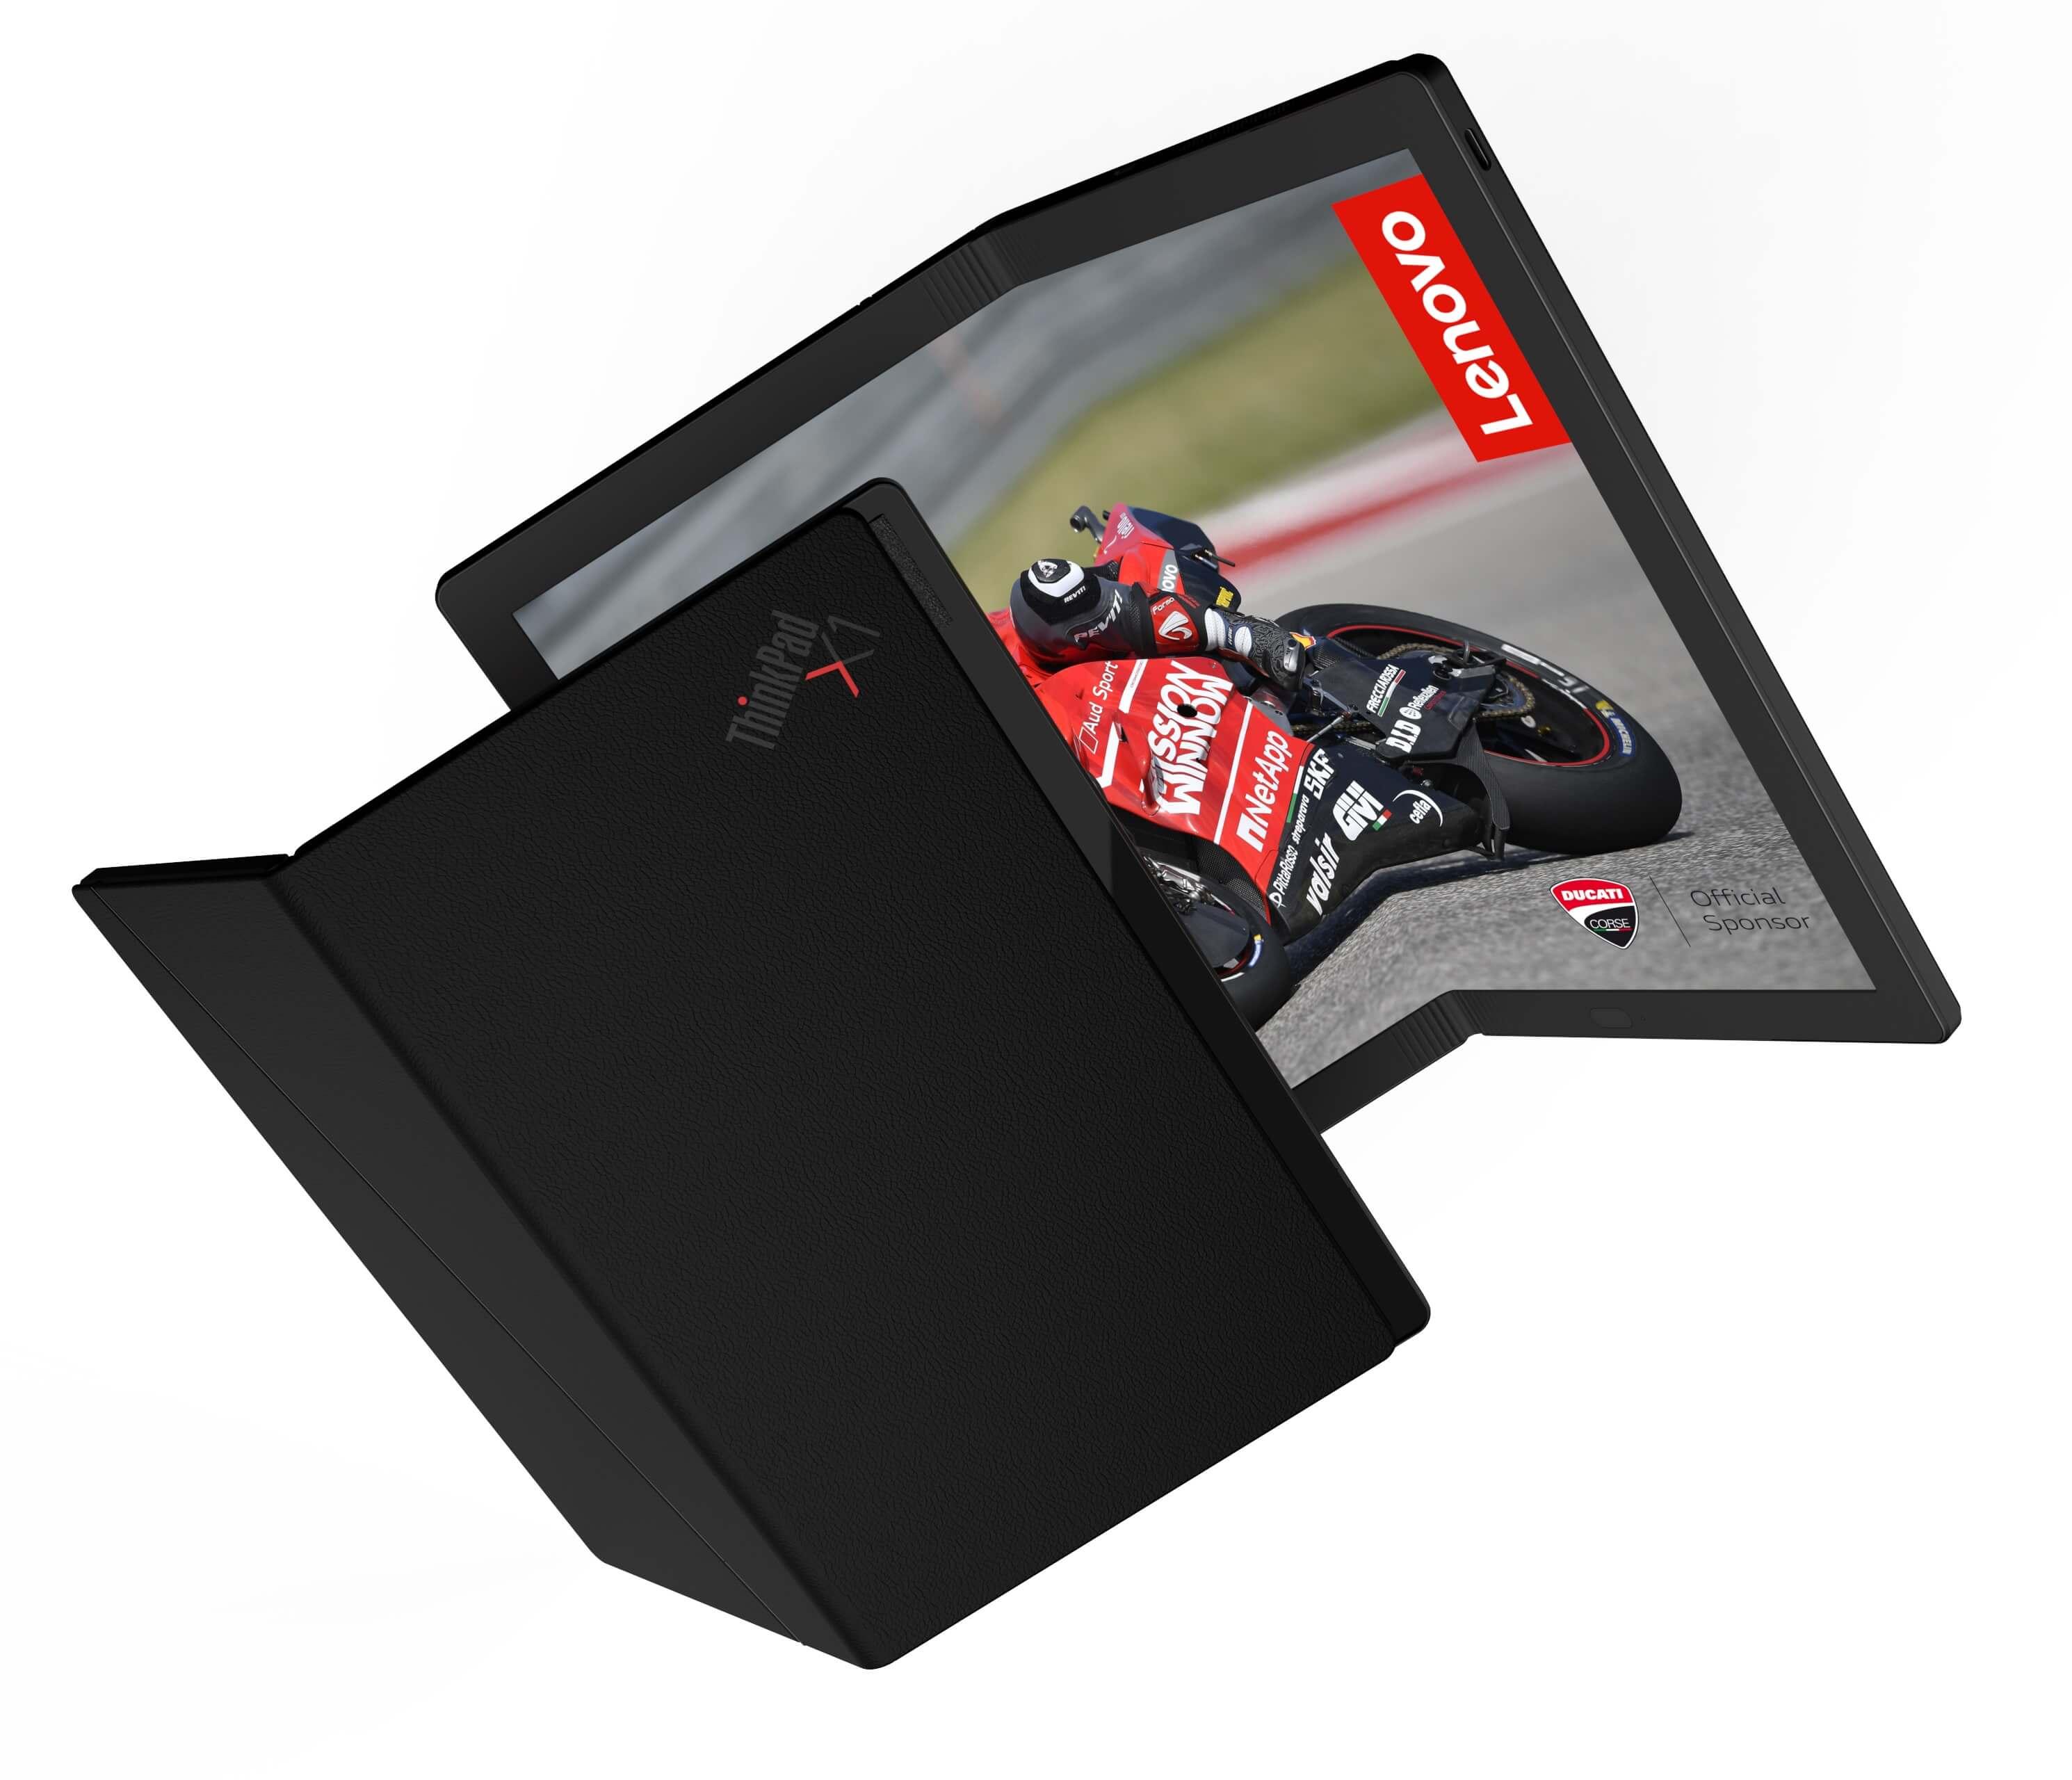 El primer portátil con pantalla flexible del mundo - Lenovo